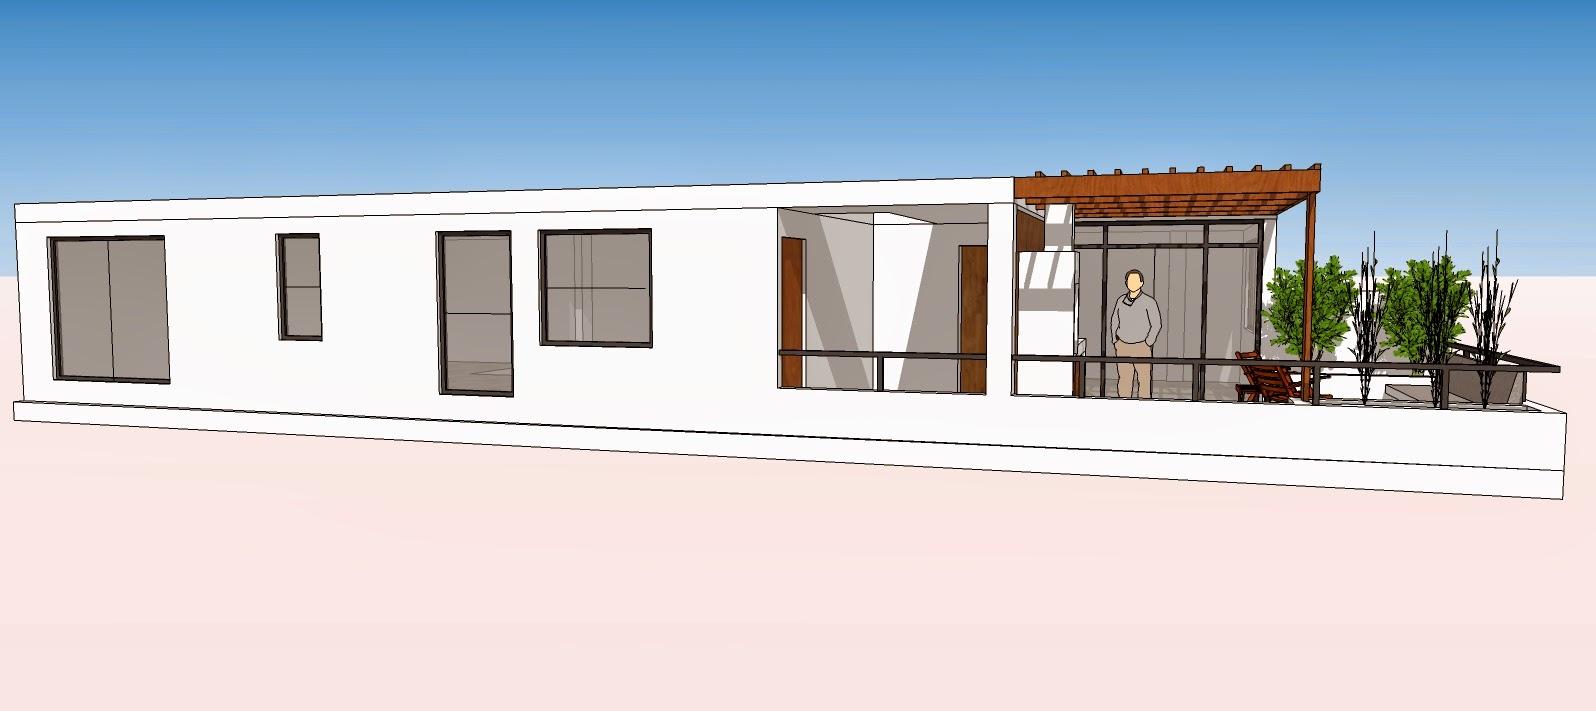 Oniria dise o previo terraza en departamento en tercer piso - Diseno terrazas exteriores viviendas ...